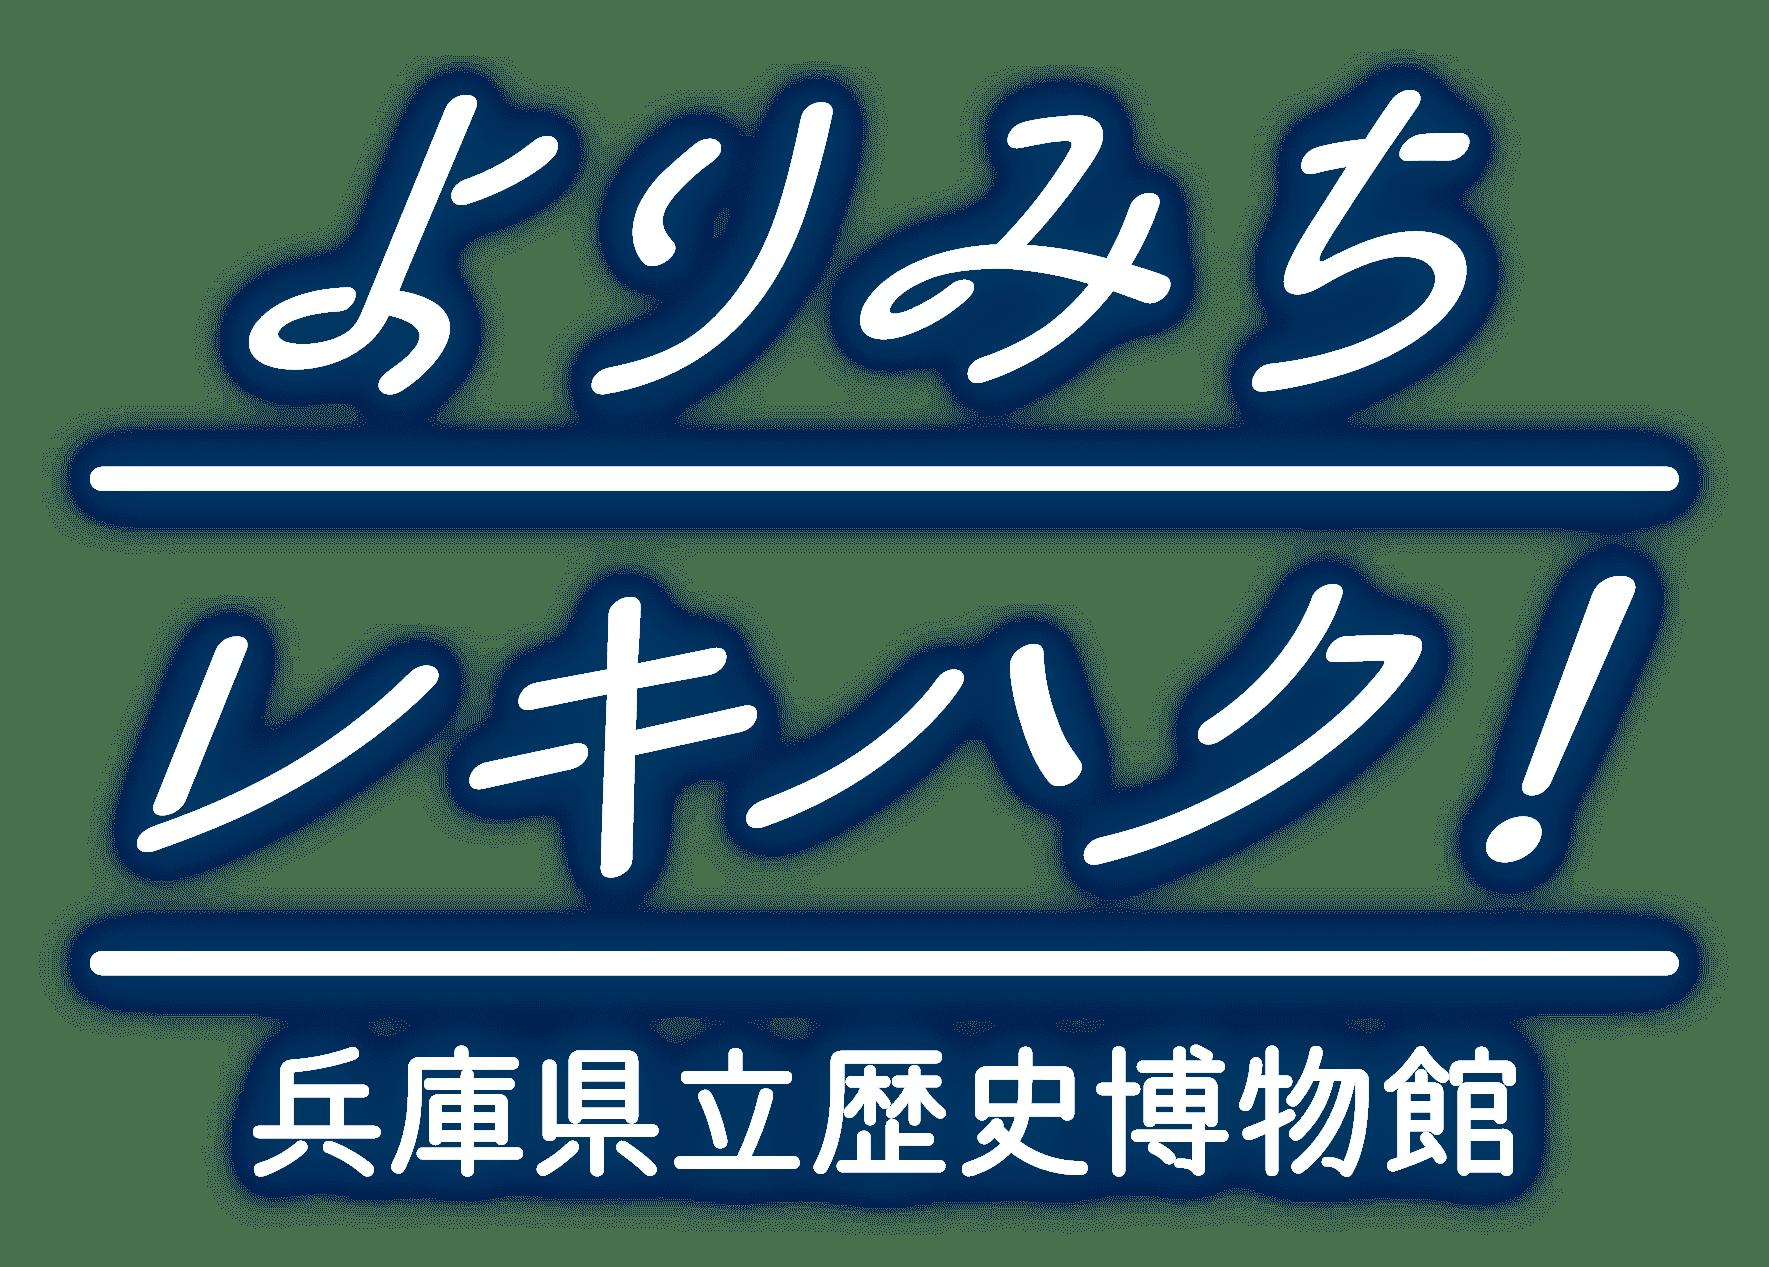 よりみちレキハク!(兵庫県歴史博物館)